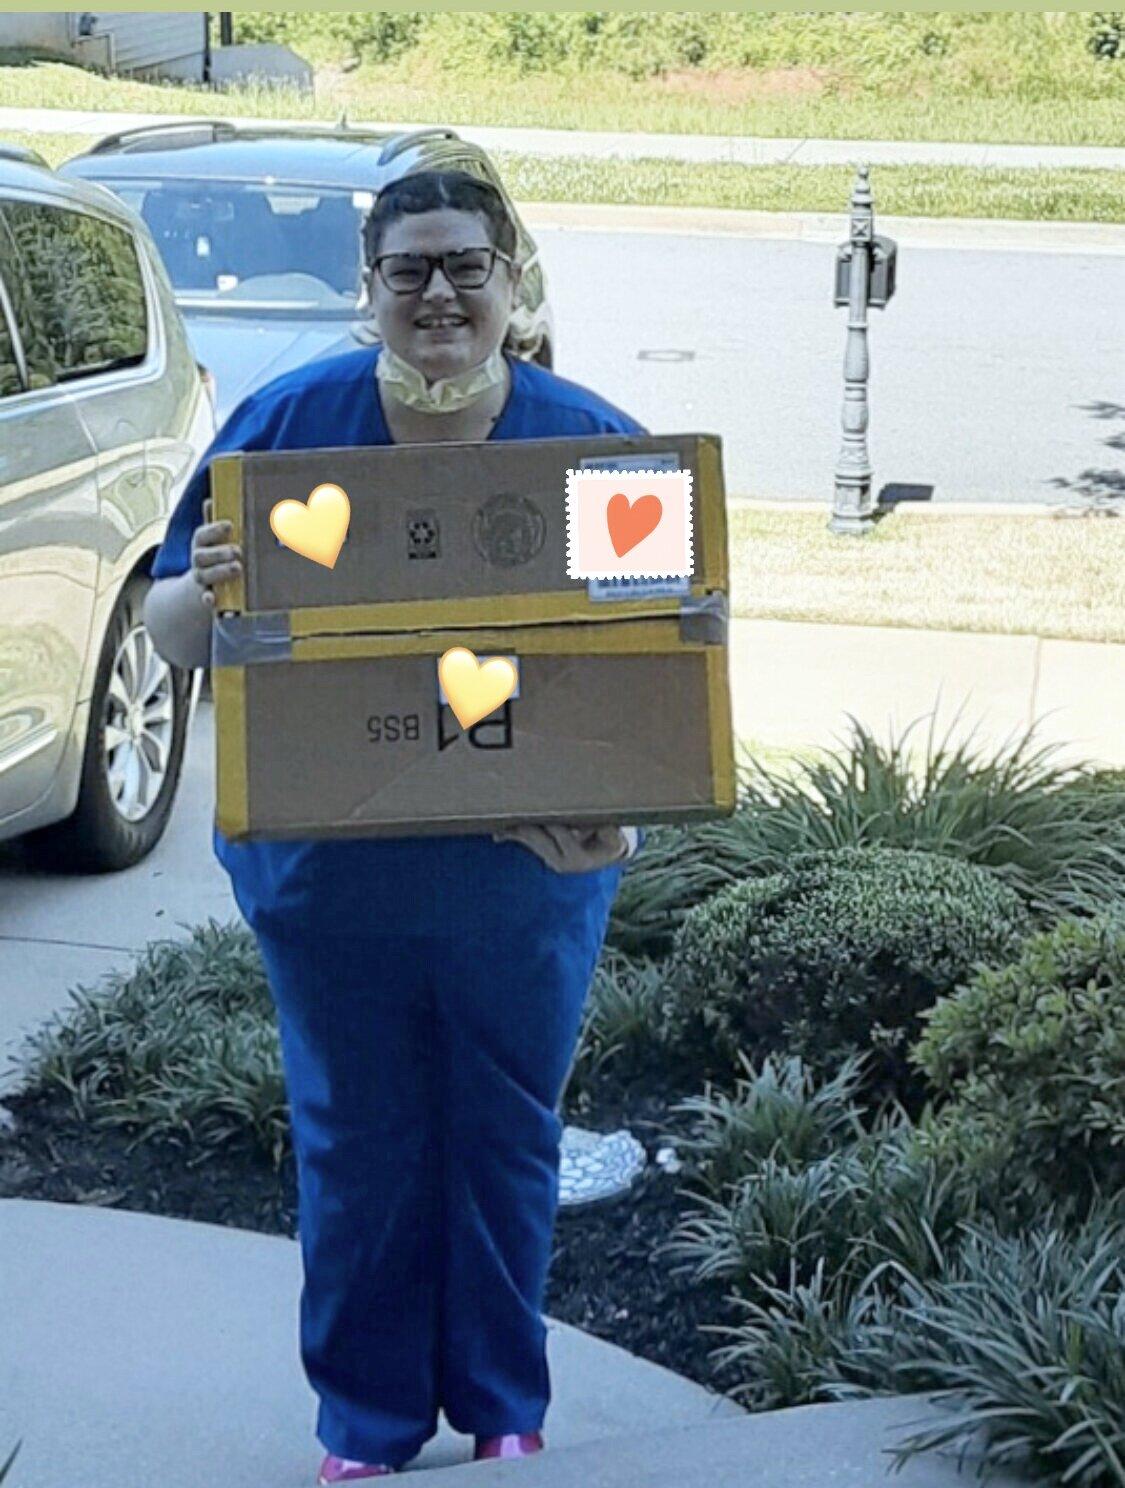 2020年5月1日:南卡必威博彩app下载罗来纳急救科的工作人员已经收到了一套新的护士个人防护装备护理包!感谢Lindsay Grainger担任我们的SC PPE协调员!